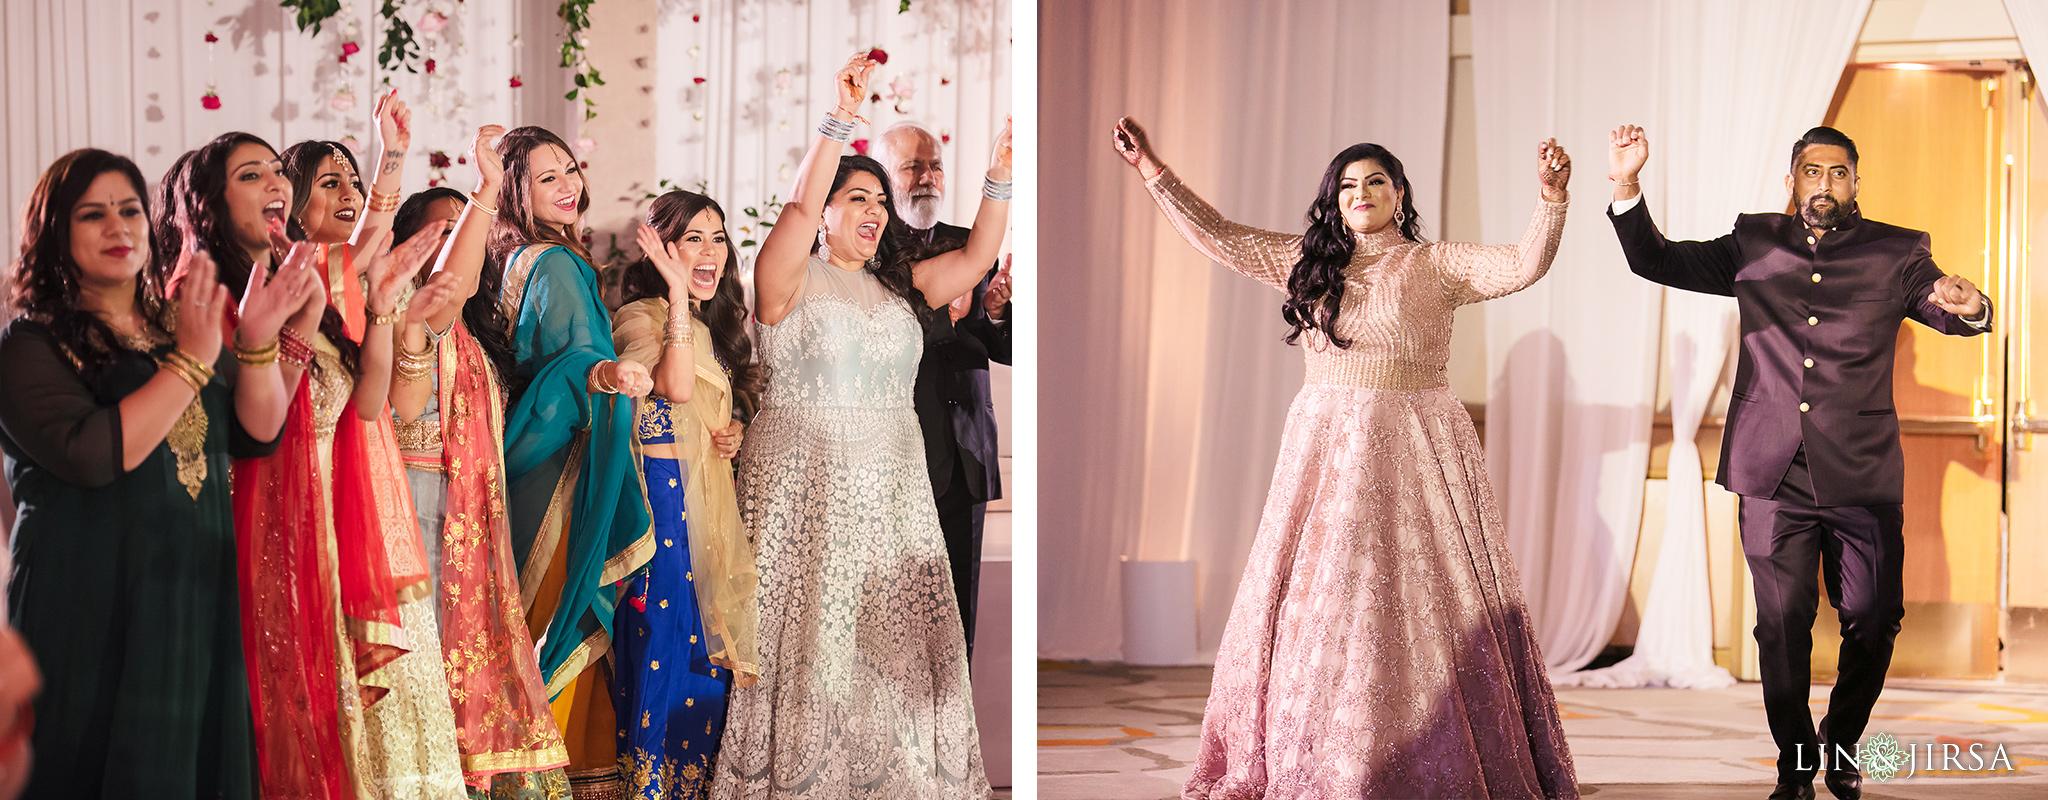 39 Hotel Irvine Indian Wedding Photography